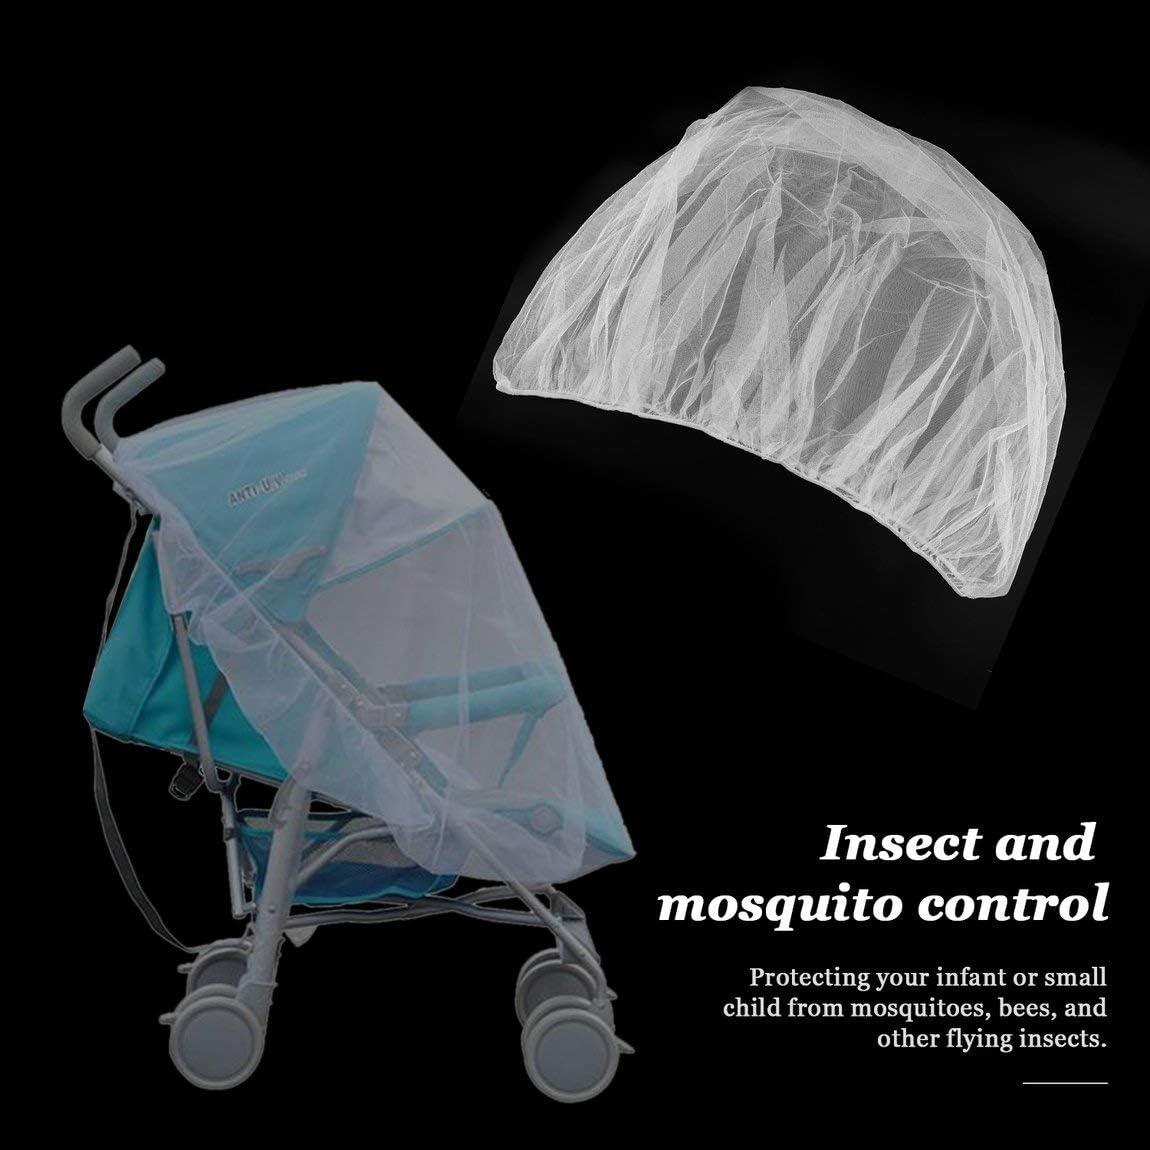 SeniorMar Trendy Summer Infants B/éb/é Poussette Moustiquaire Buggy Landau Protecteur Poussette Fly Midge Insecte Bug Bug Cover Poussette Accessoires